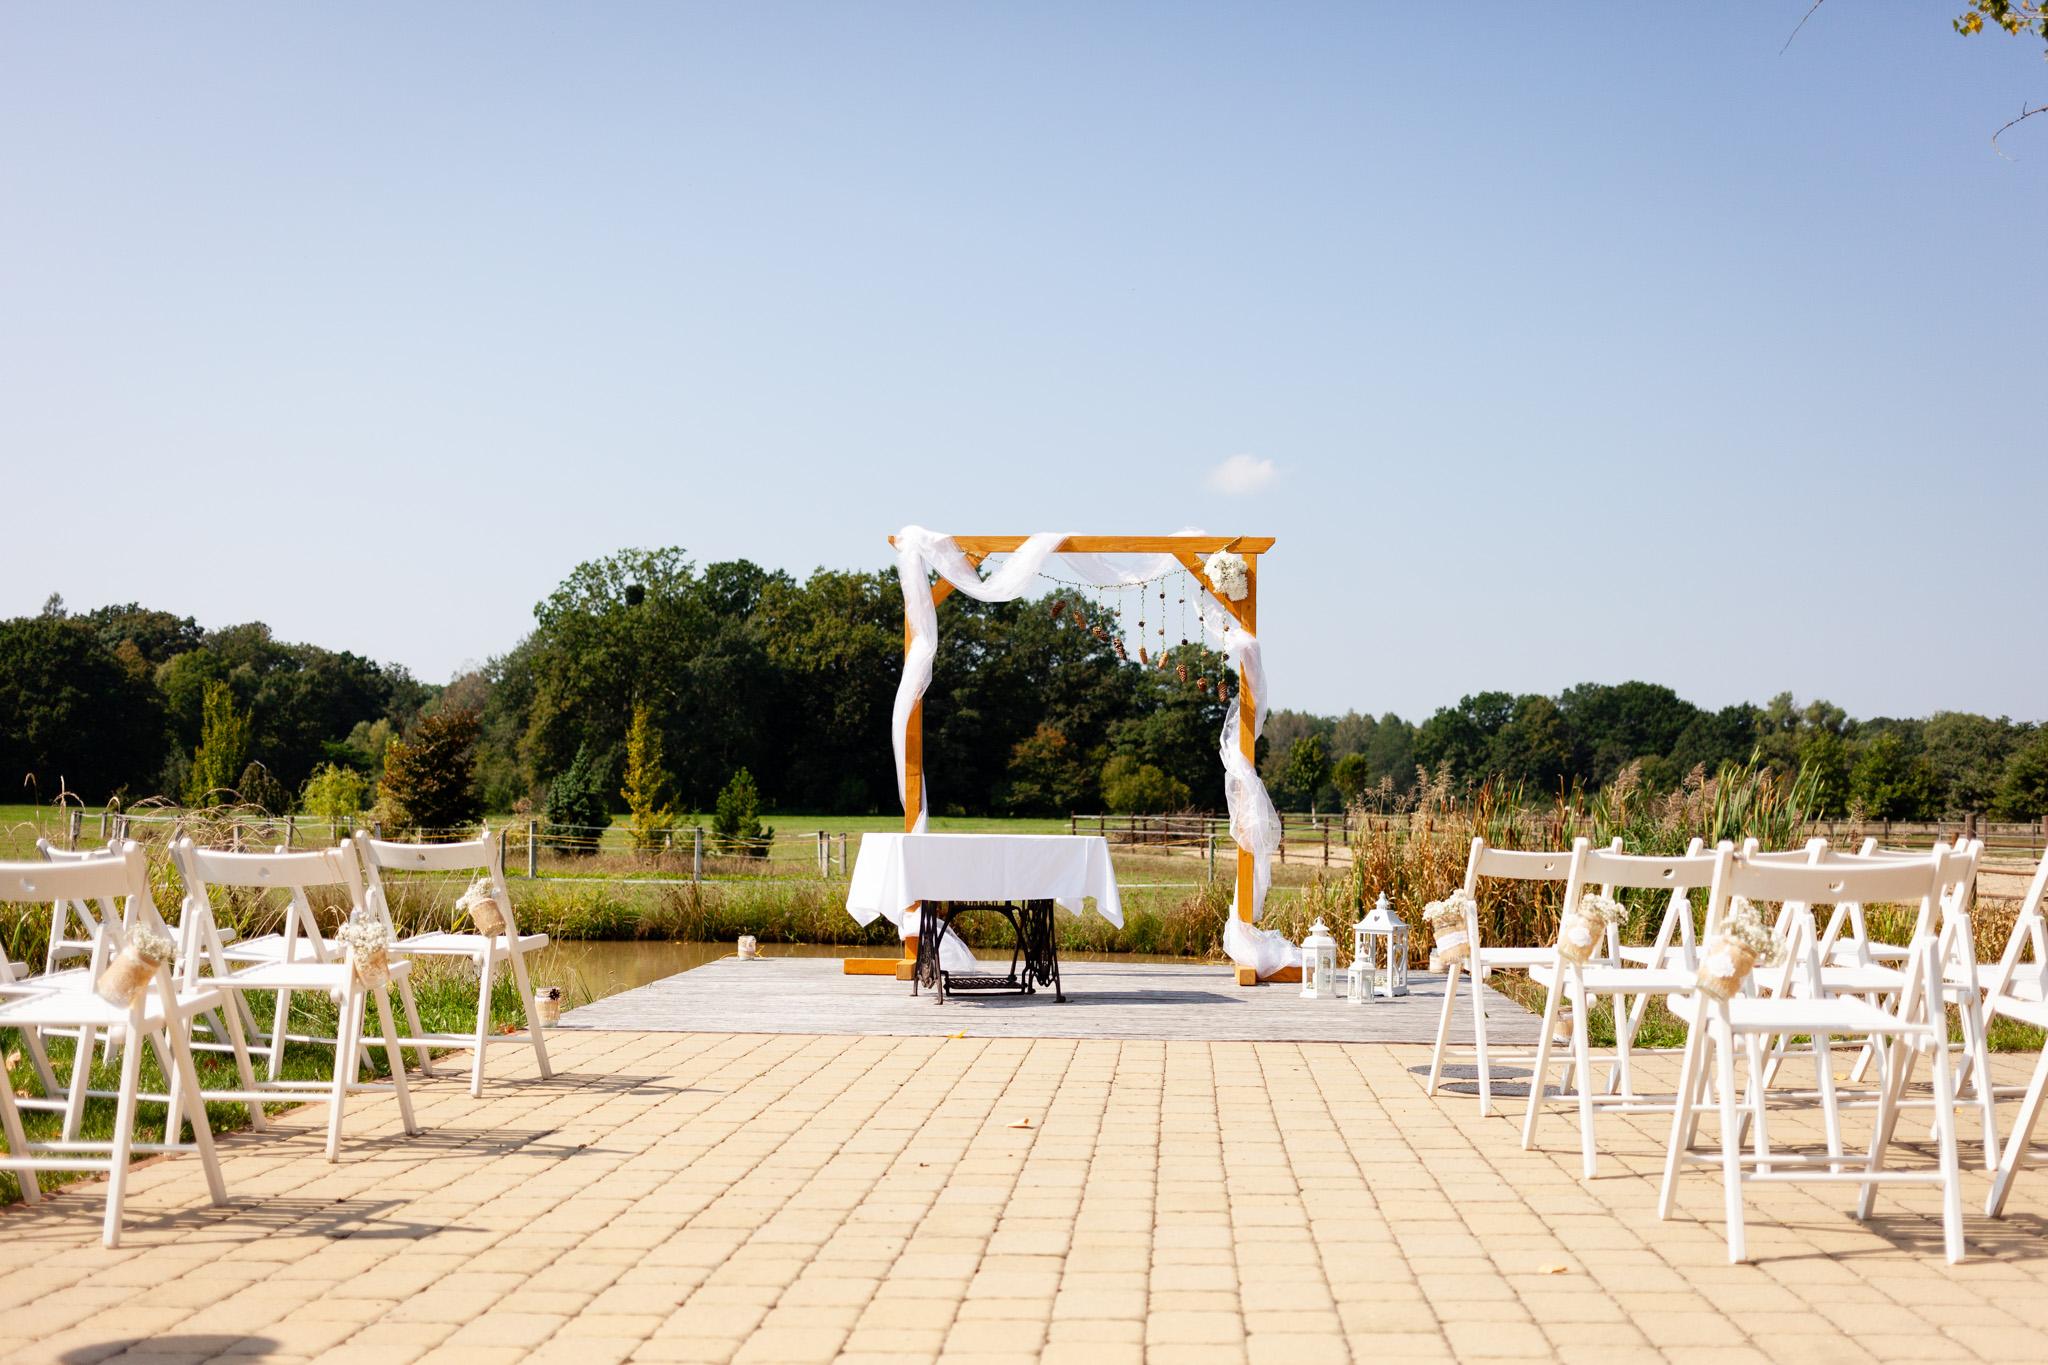 Molo se svatební bránou a obřadním stolkem